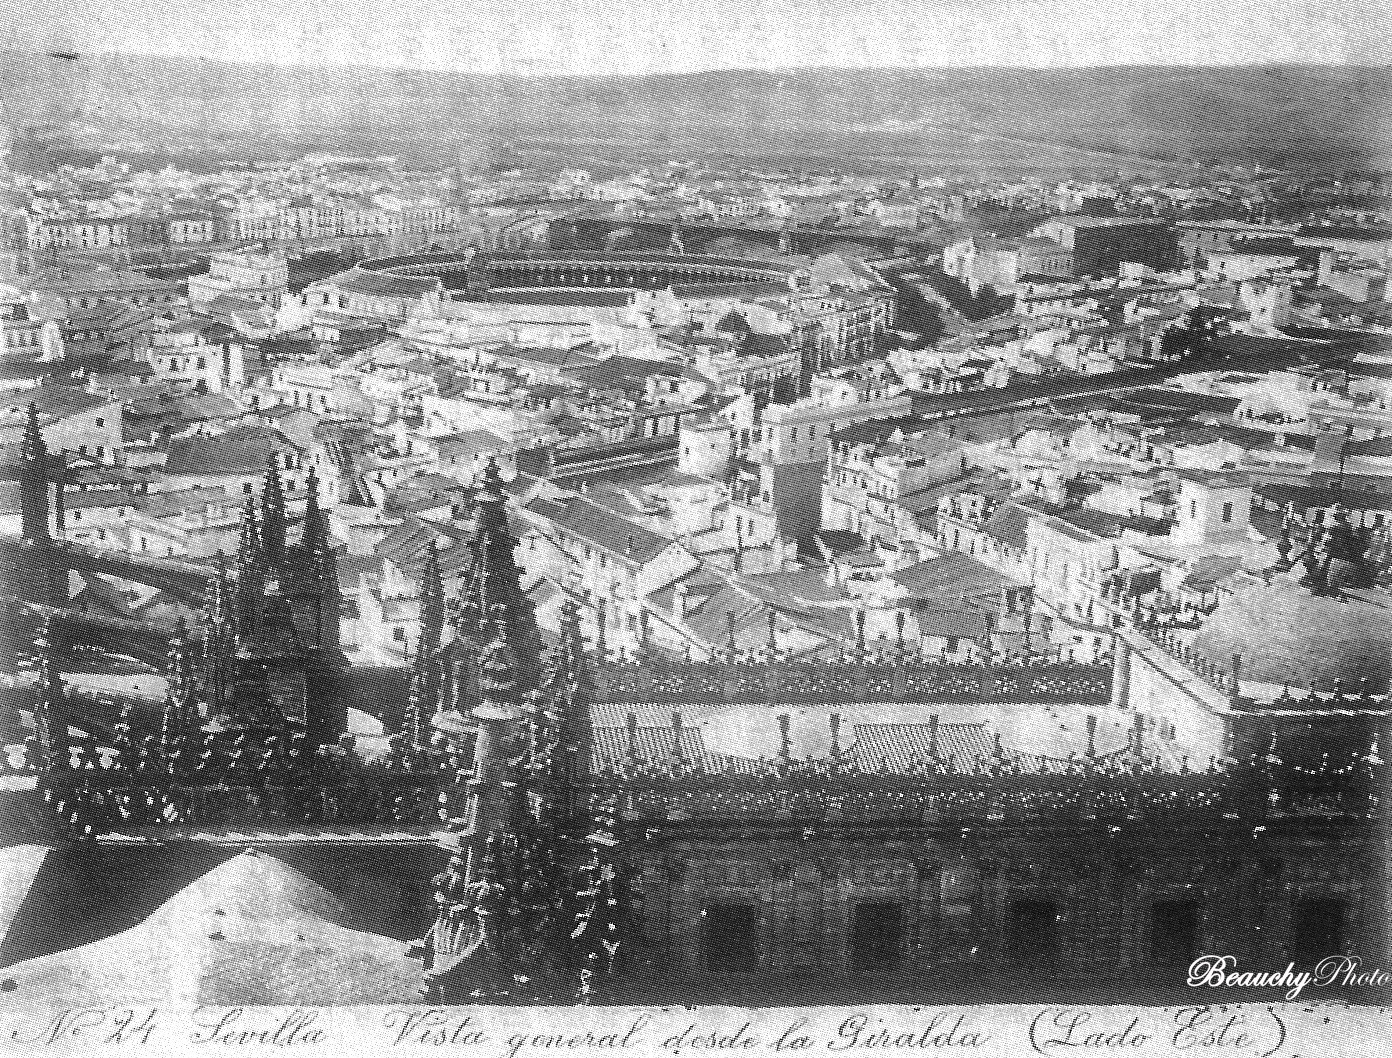 Sevilla_Vista_general_desde_la_Giralda_Lado_Este